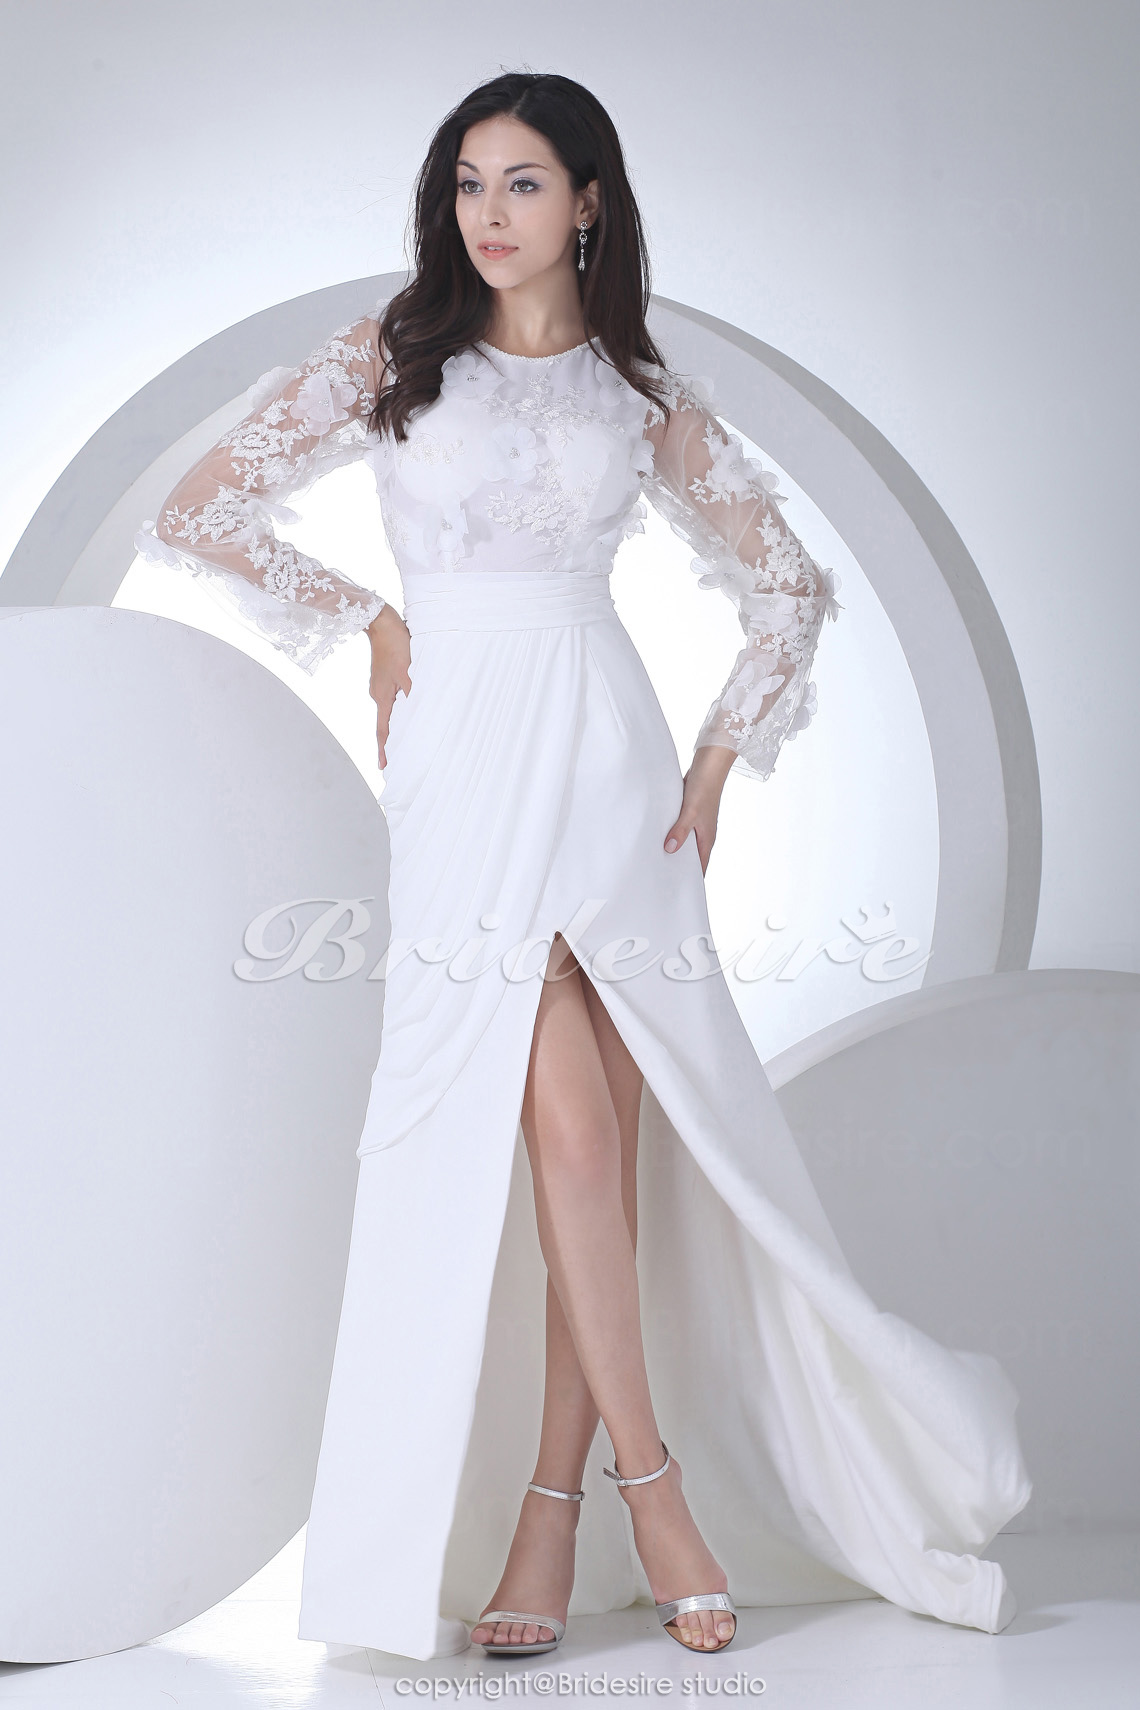 Atemberaubend Hochzeit Brautjunferkleider Ideen Fotos - Brautkleider ...